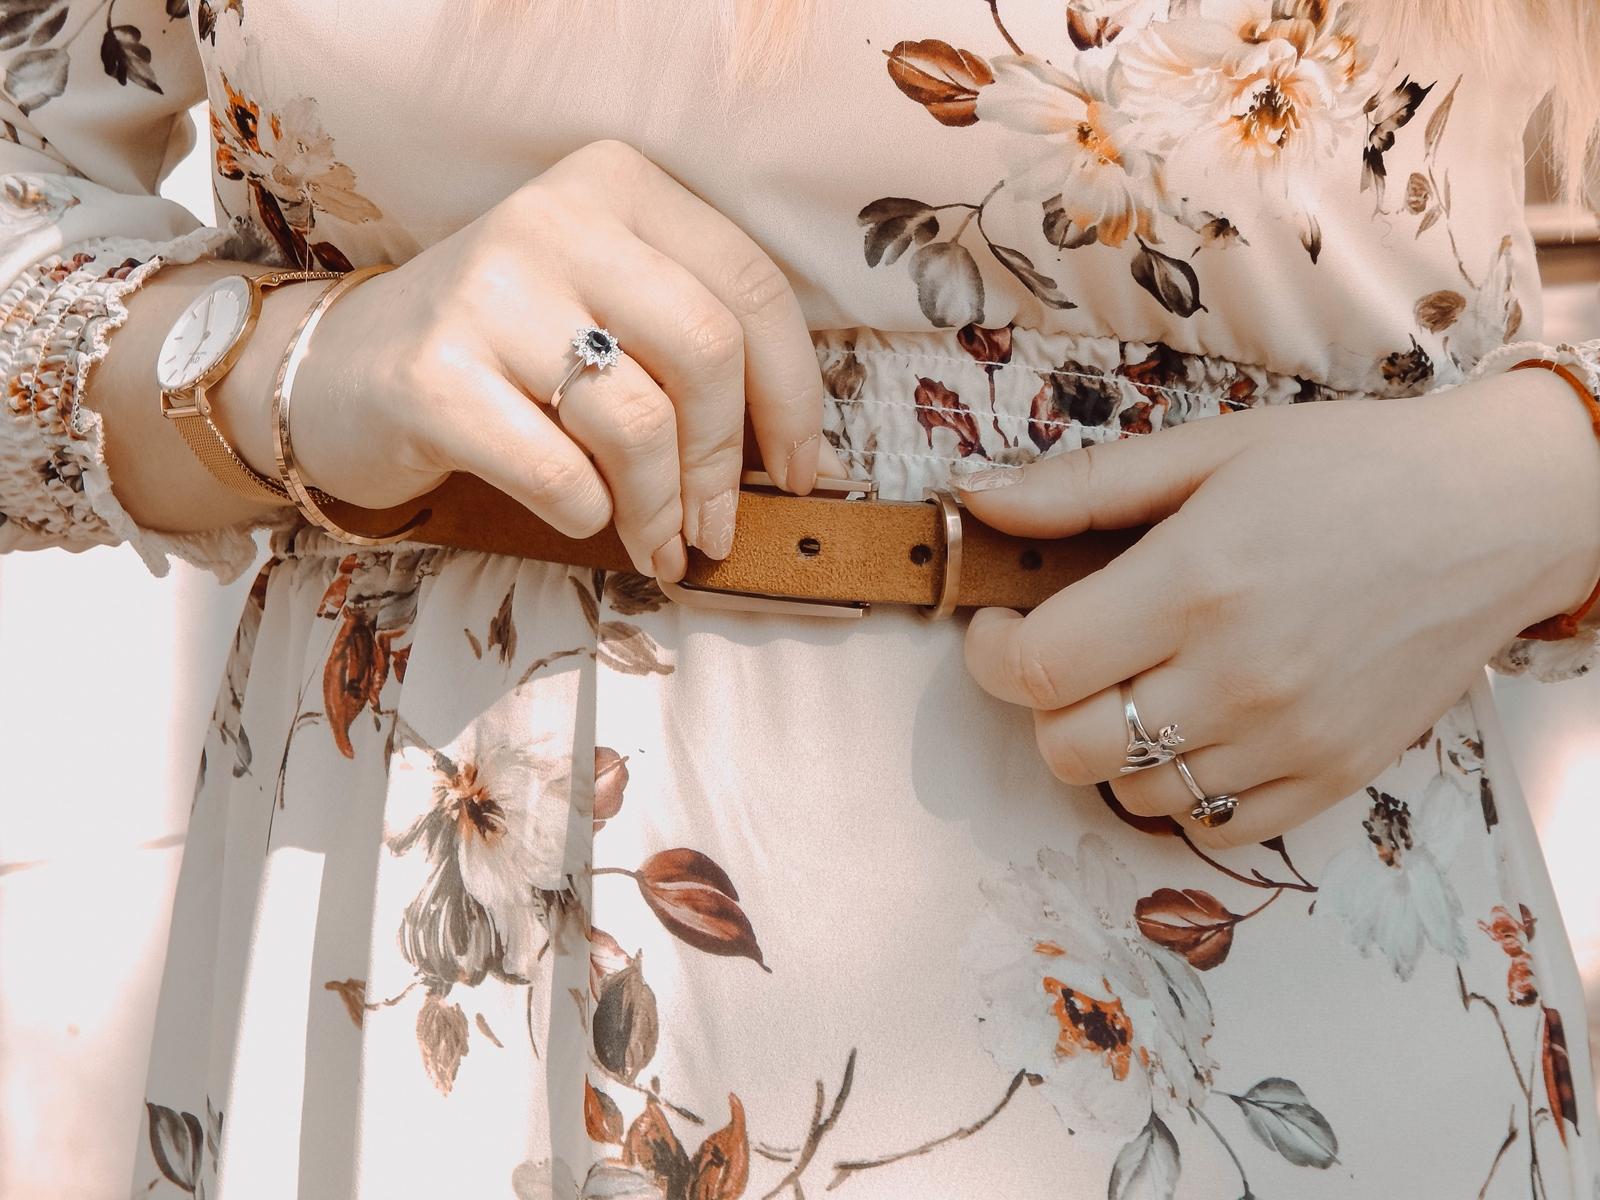 1 maxi sukienka w kwiaty answear jakosc opinie ceny wiosenne trendy 2018 blog moda fashion kapelusz stylizacje boho buty tamaris dodatki parfois